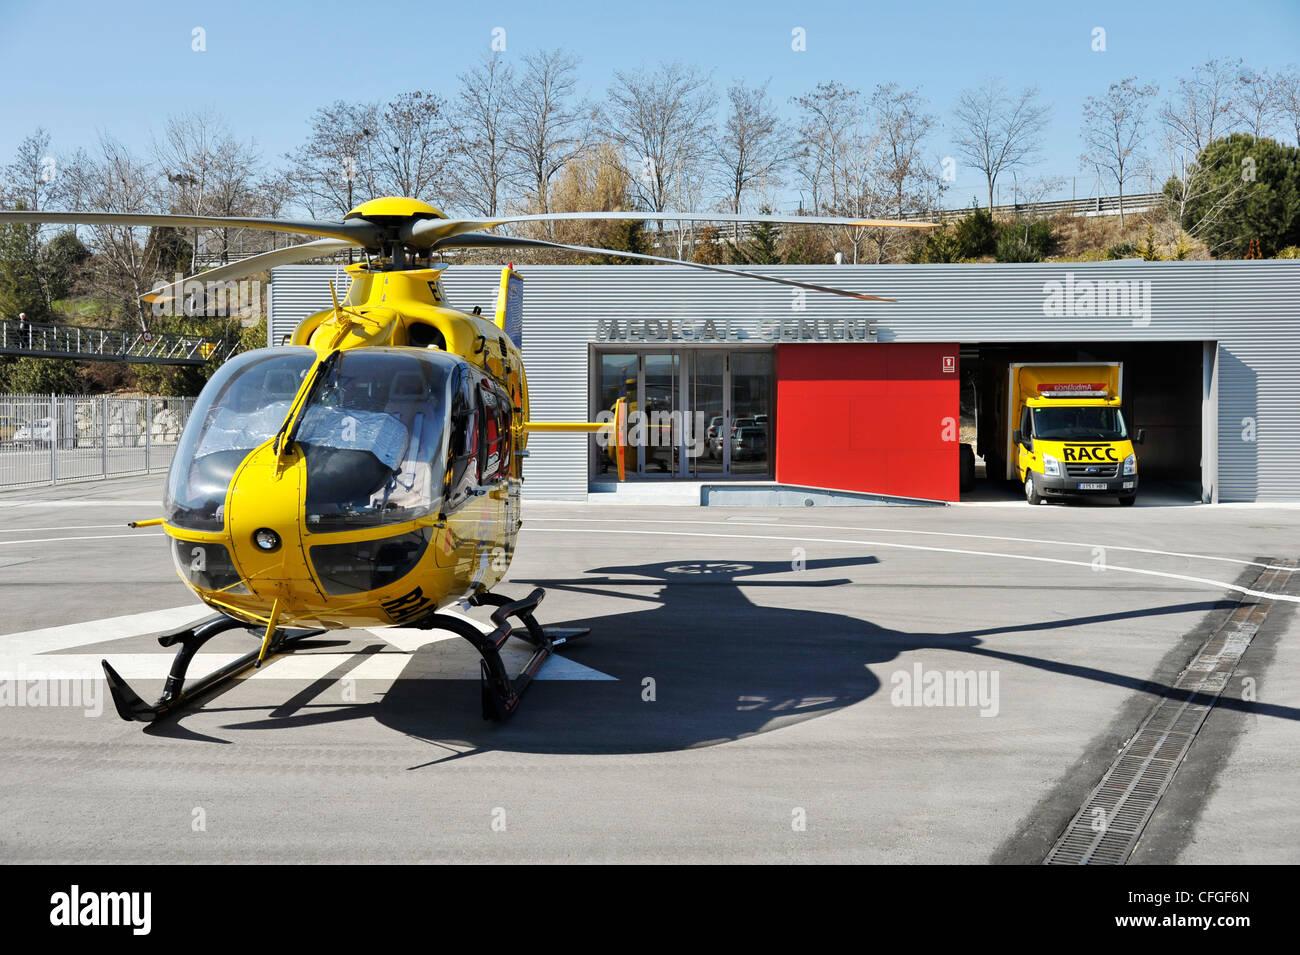 L'hôpital de courses de circuit de Catalunya en Espagne avec l'hélicoptère et ambulance Banque D'Images